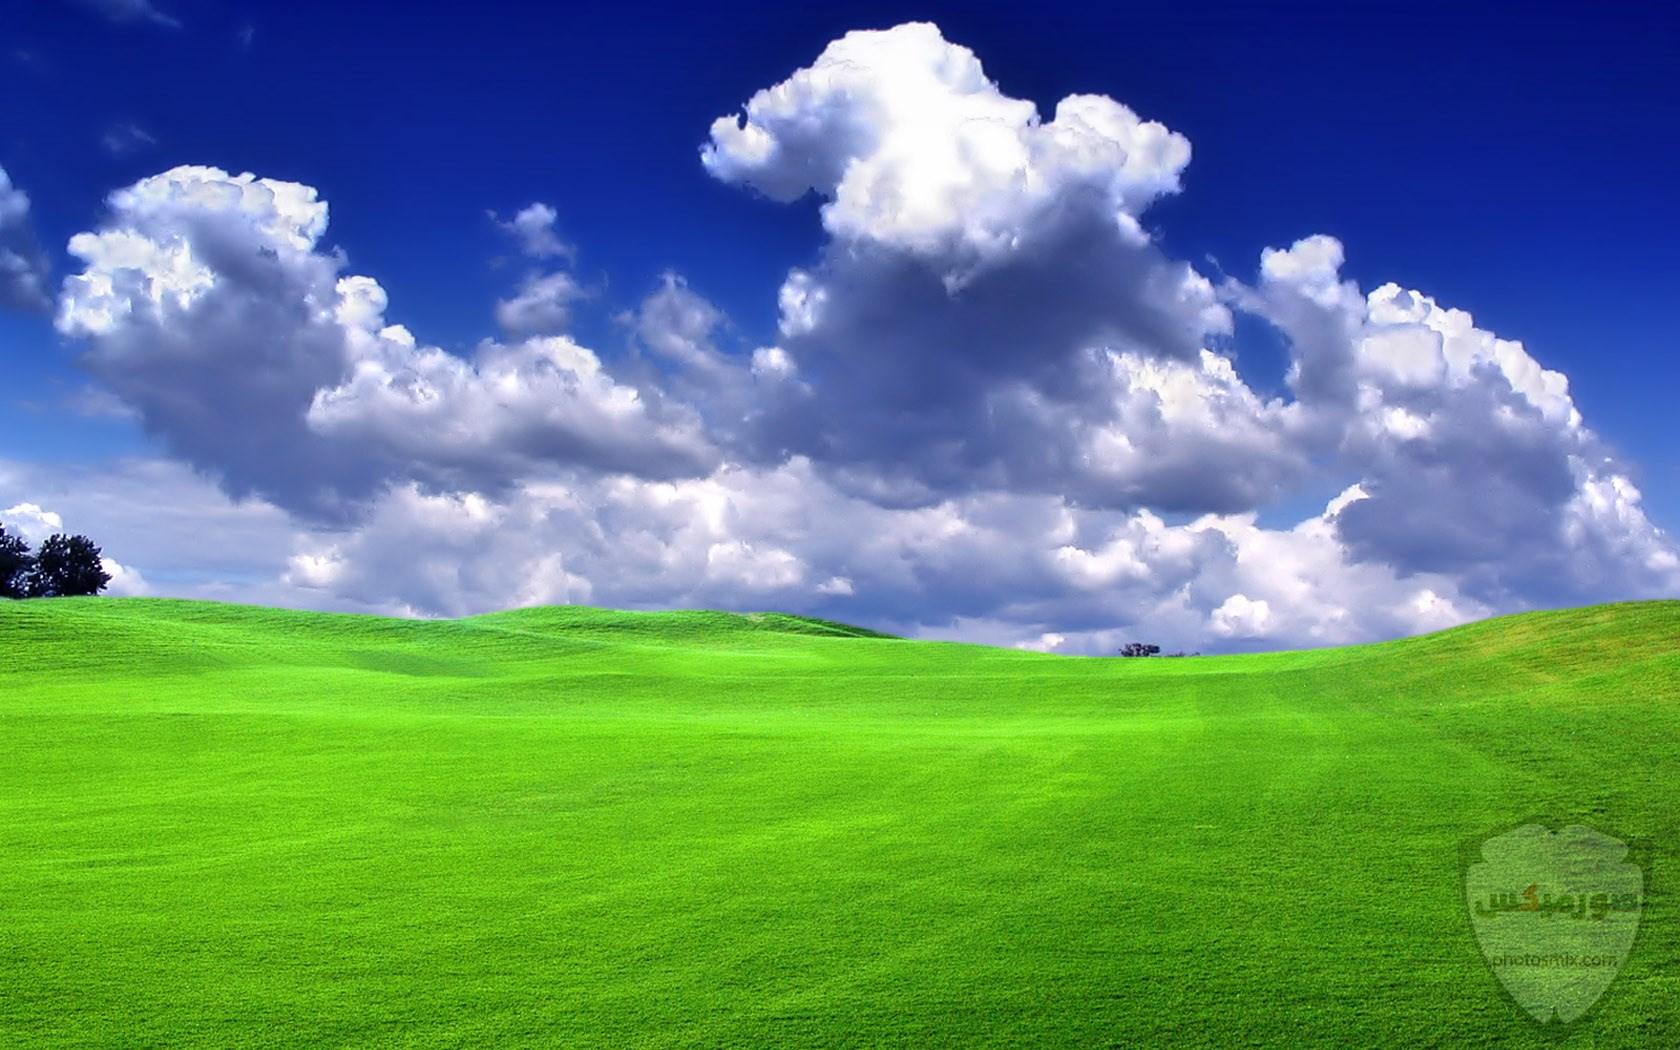 صور خلفيات جميلة مناظر طبيعية بجودة HD 11